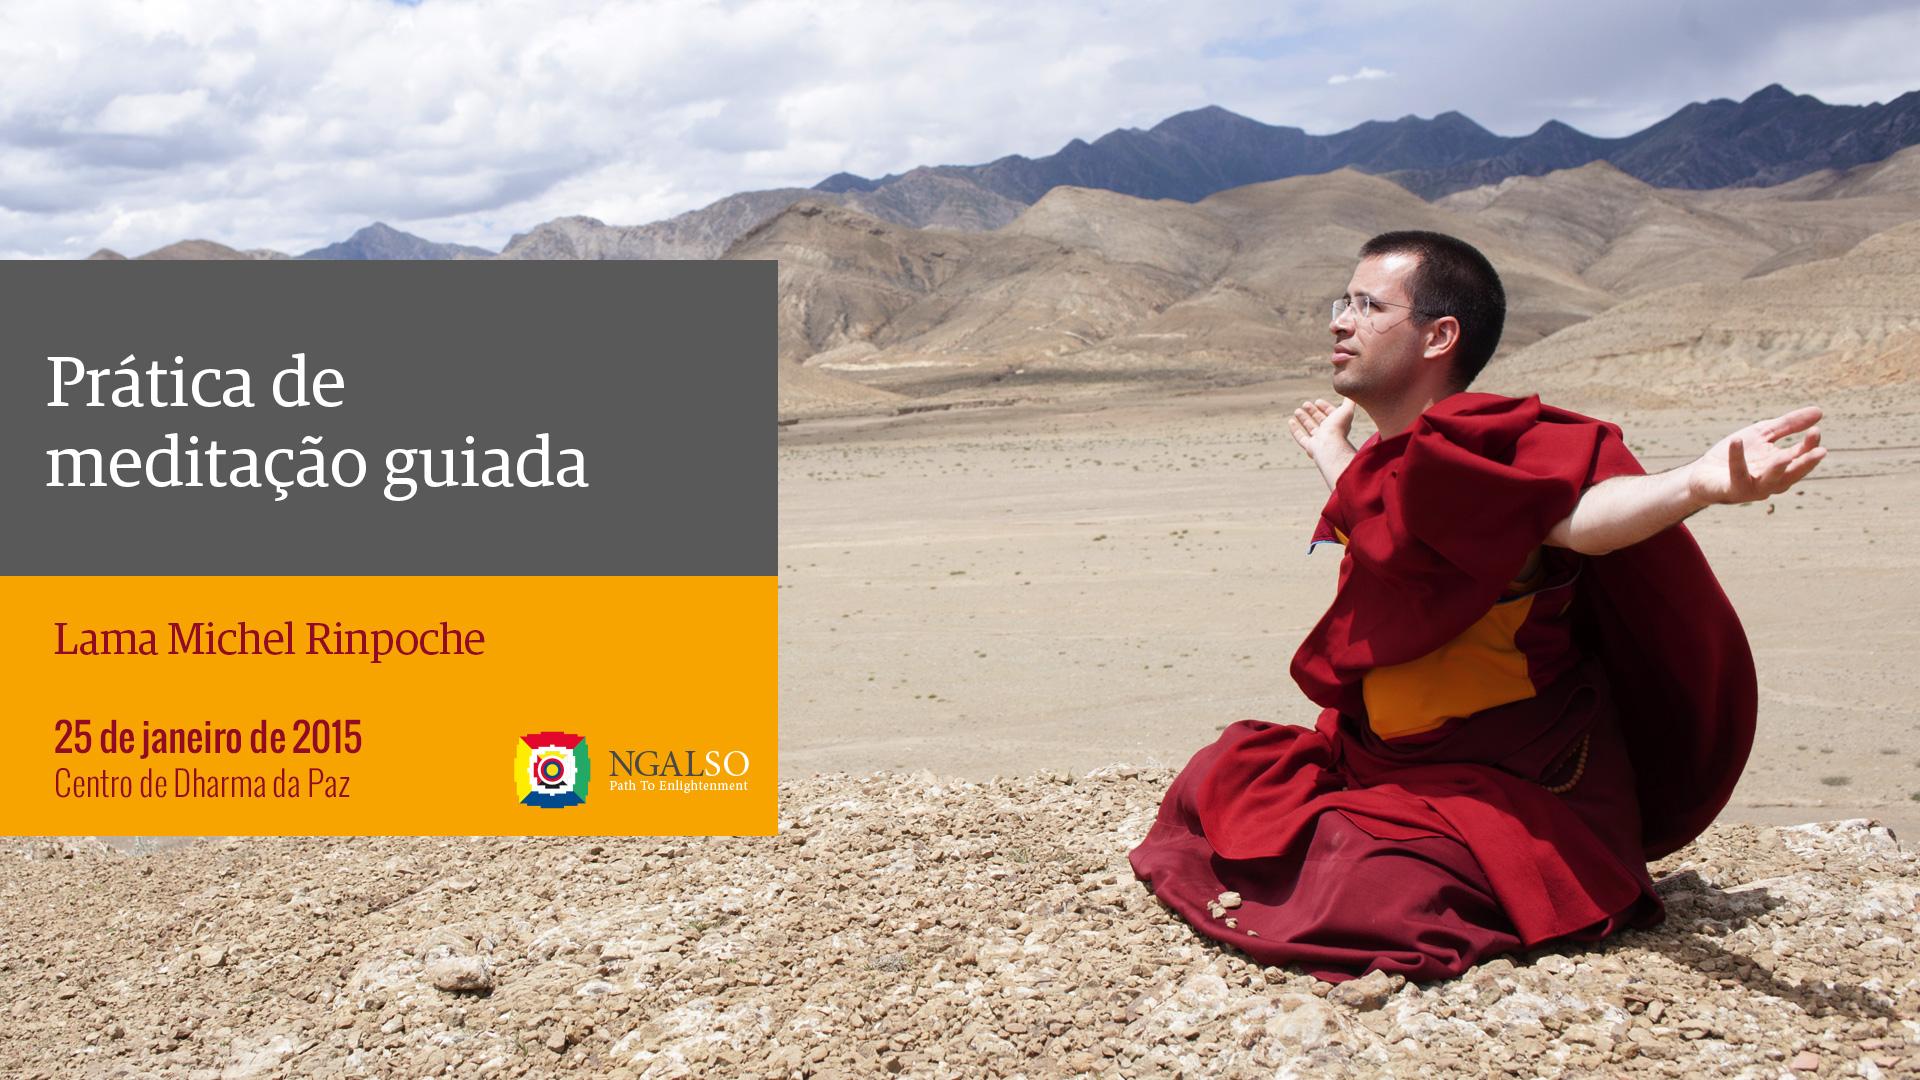 Prática de meditação guiada